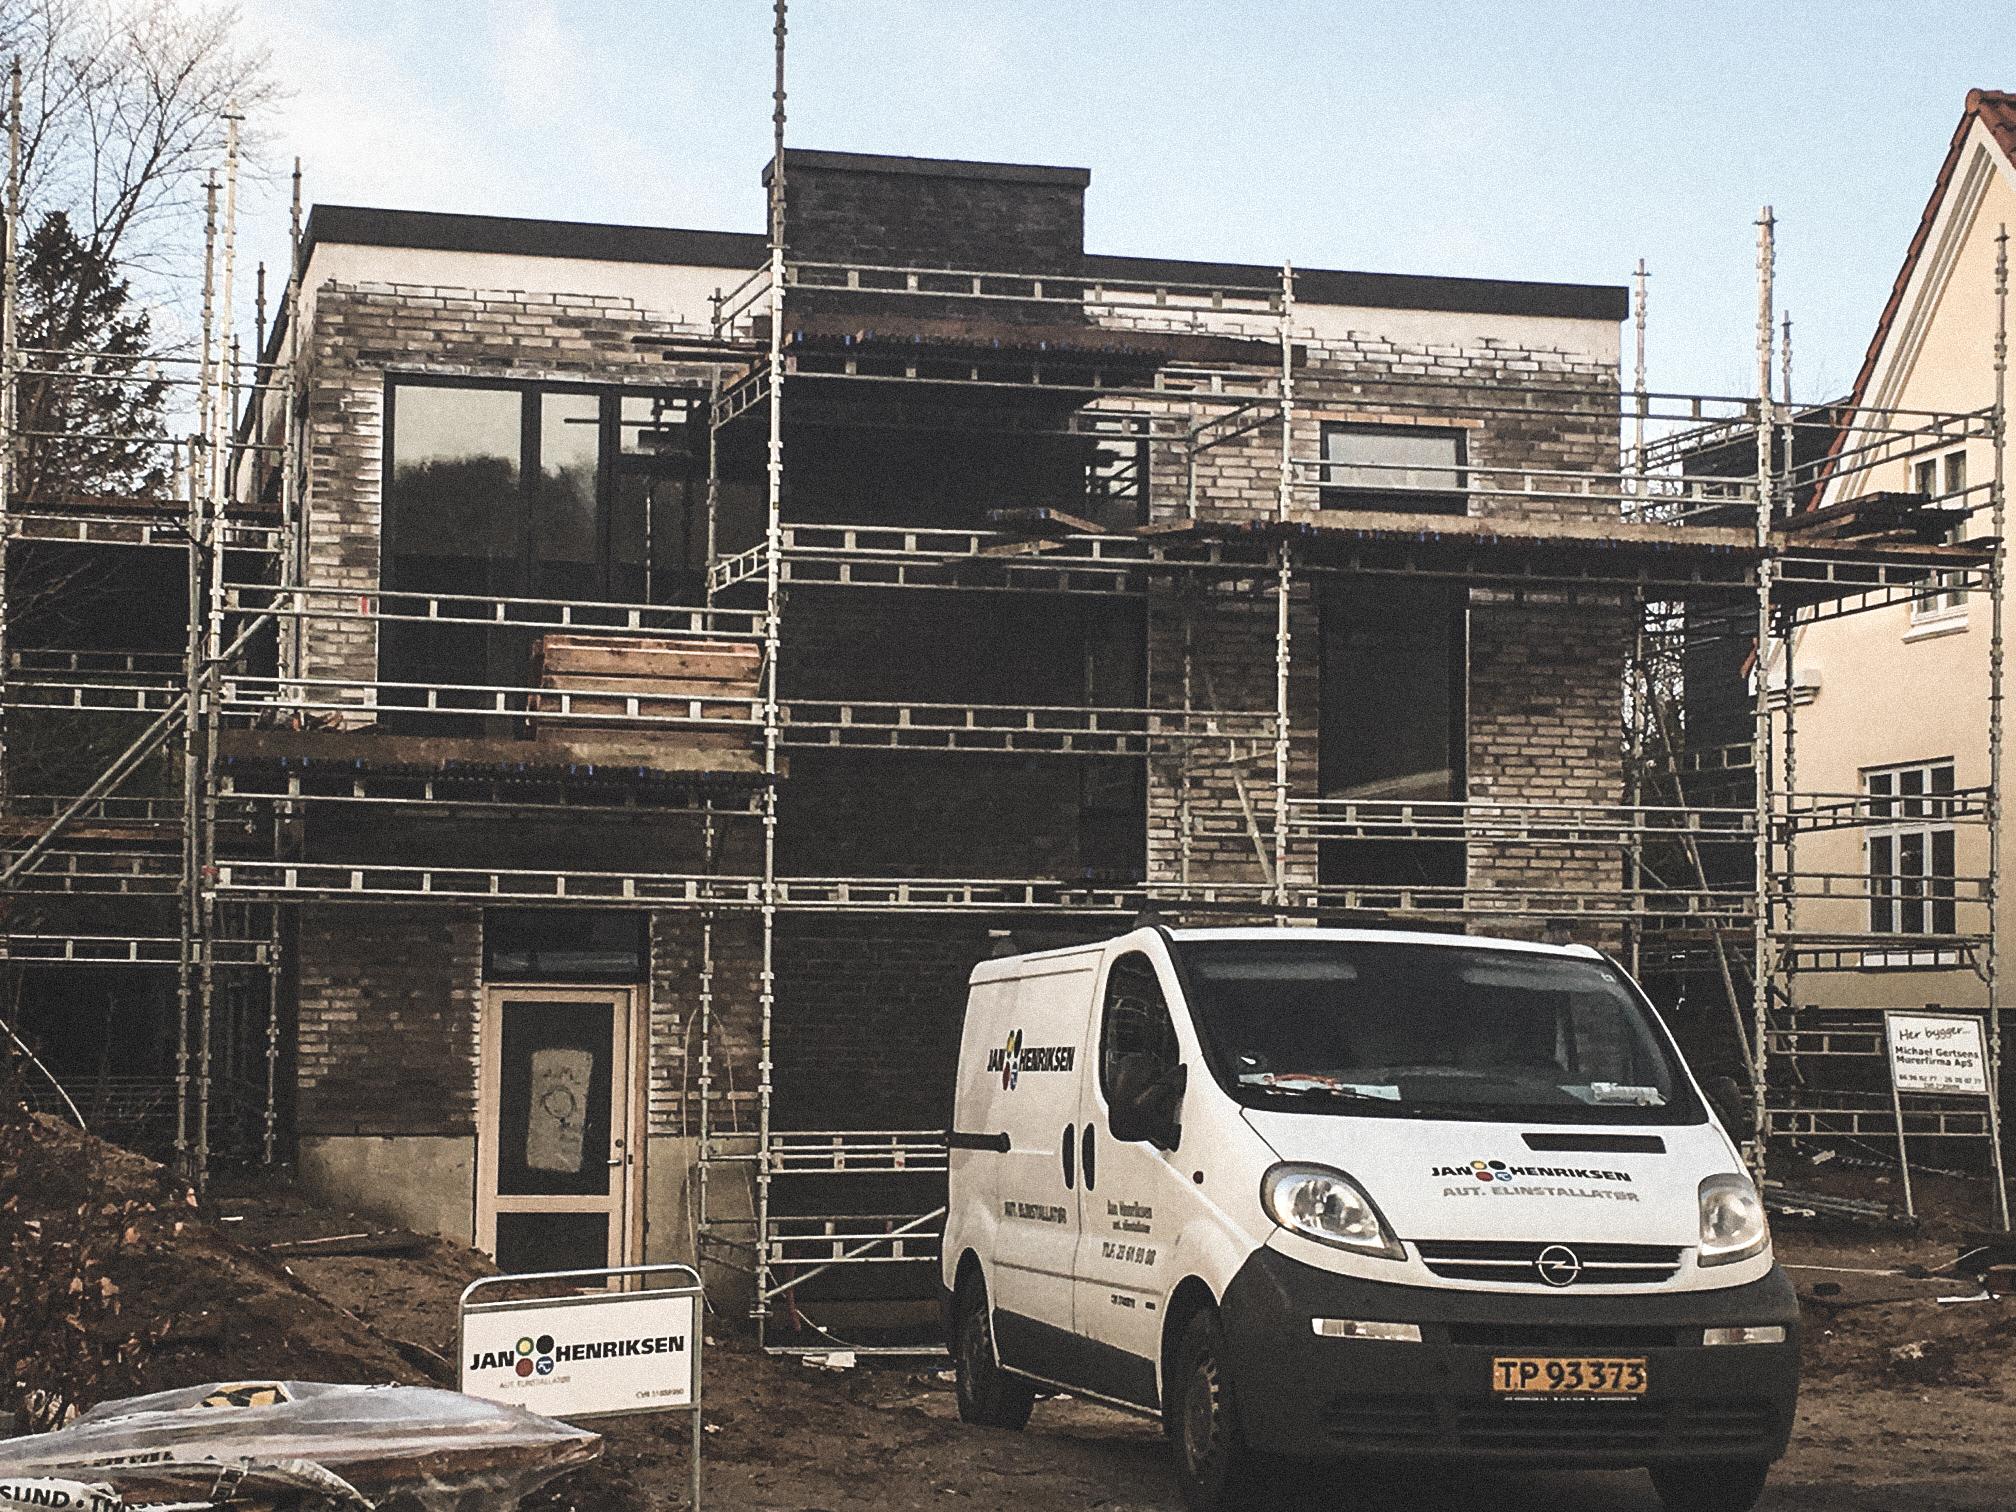 Billede af et igangværende byggeri i Silkeborg, tegnet af arkitektfirmaet m2plus.